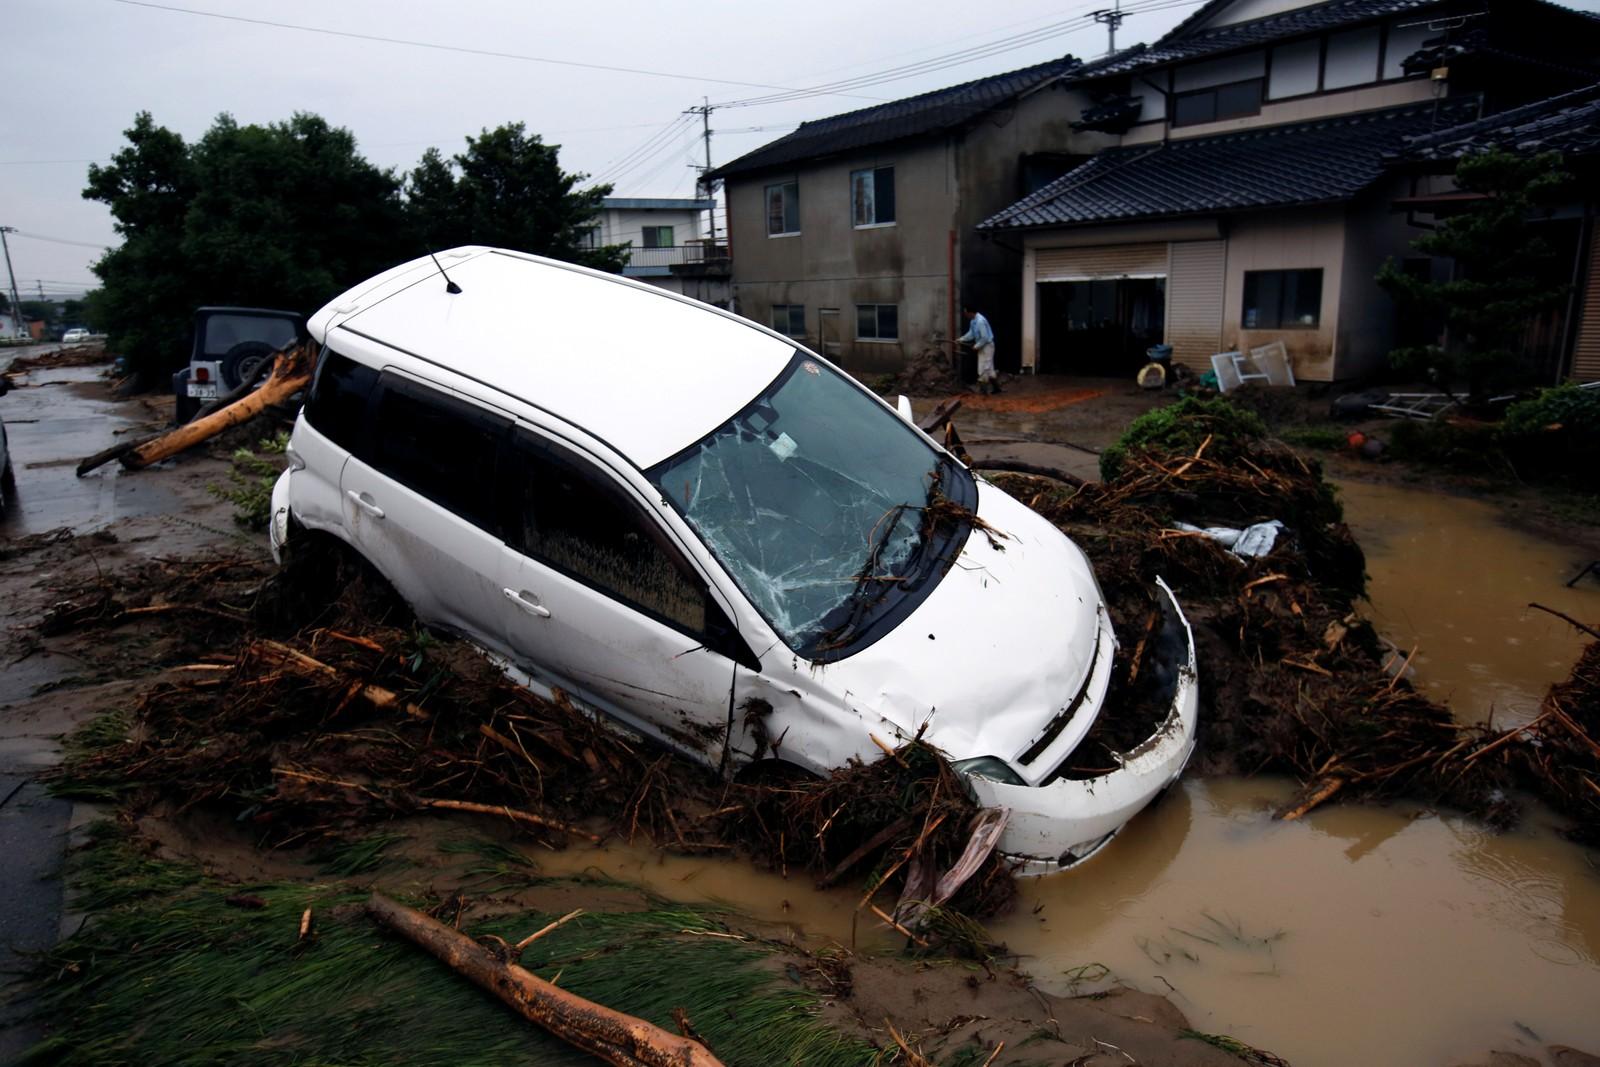 En bil som ble tatt av flommen.